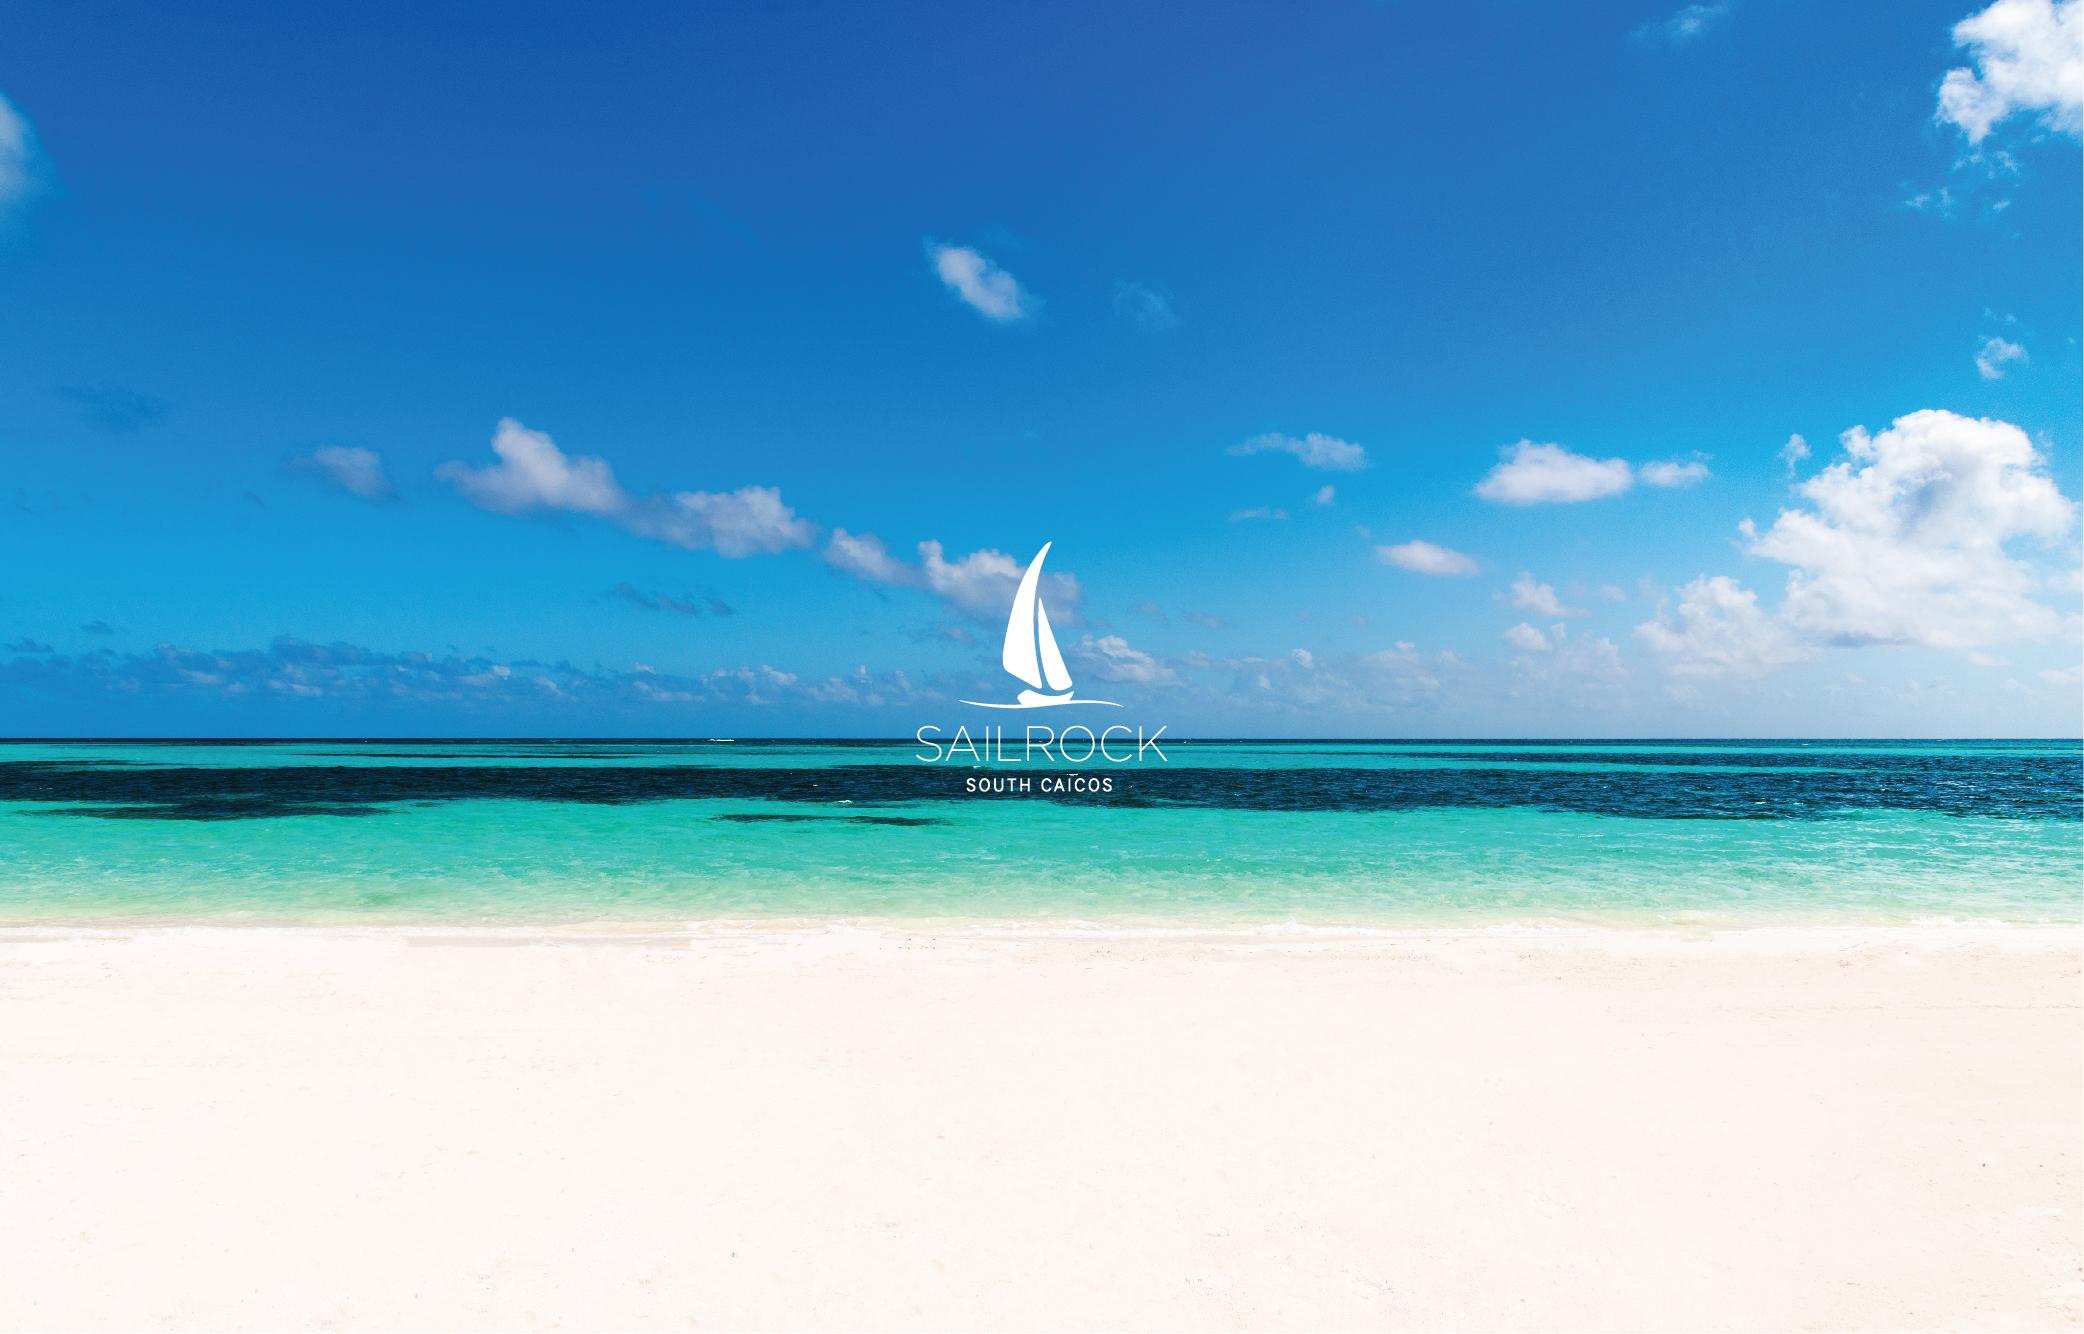 Sailrock South Caicos logo set over an image of an ocean beach